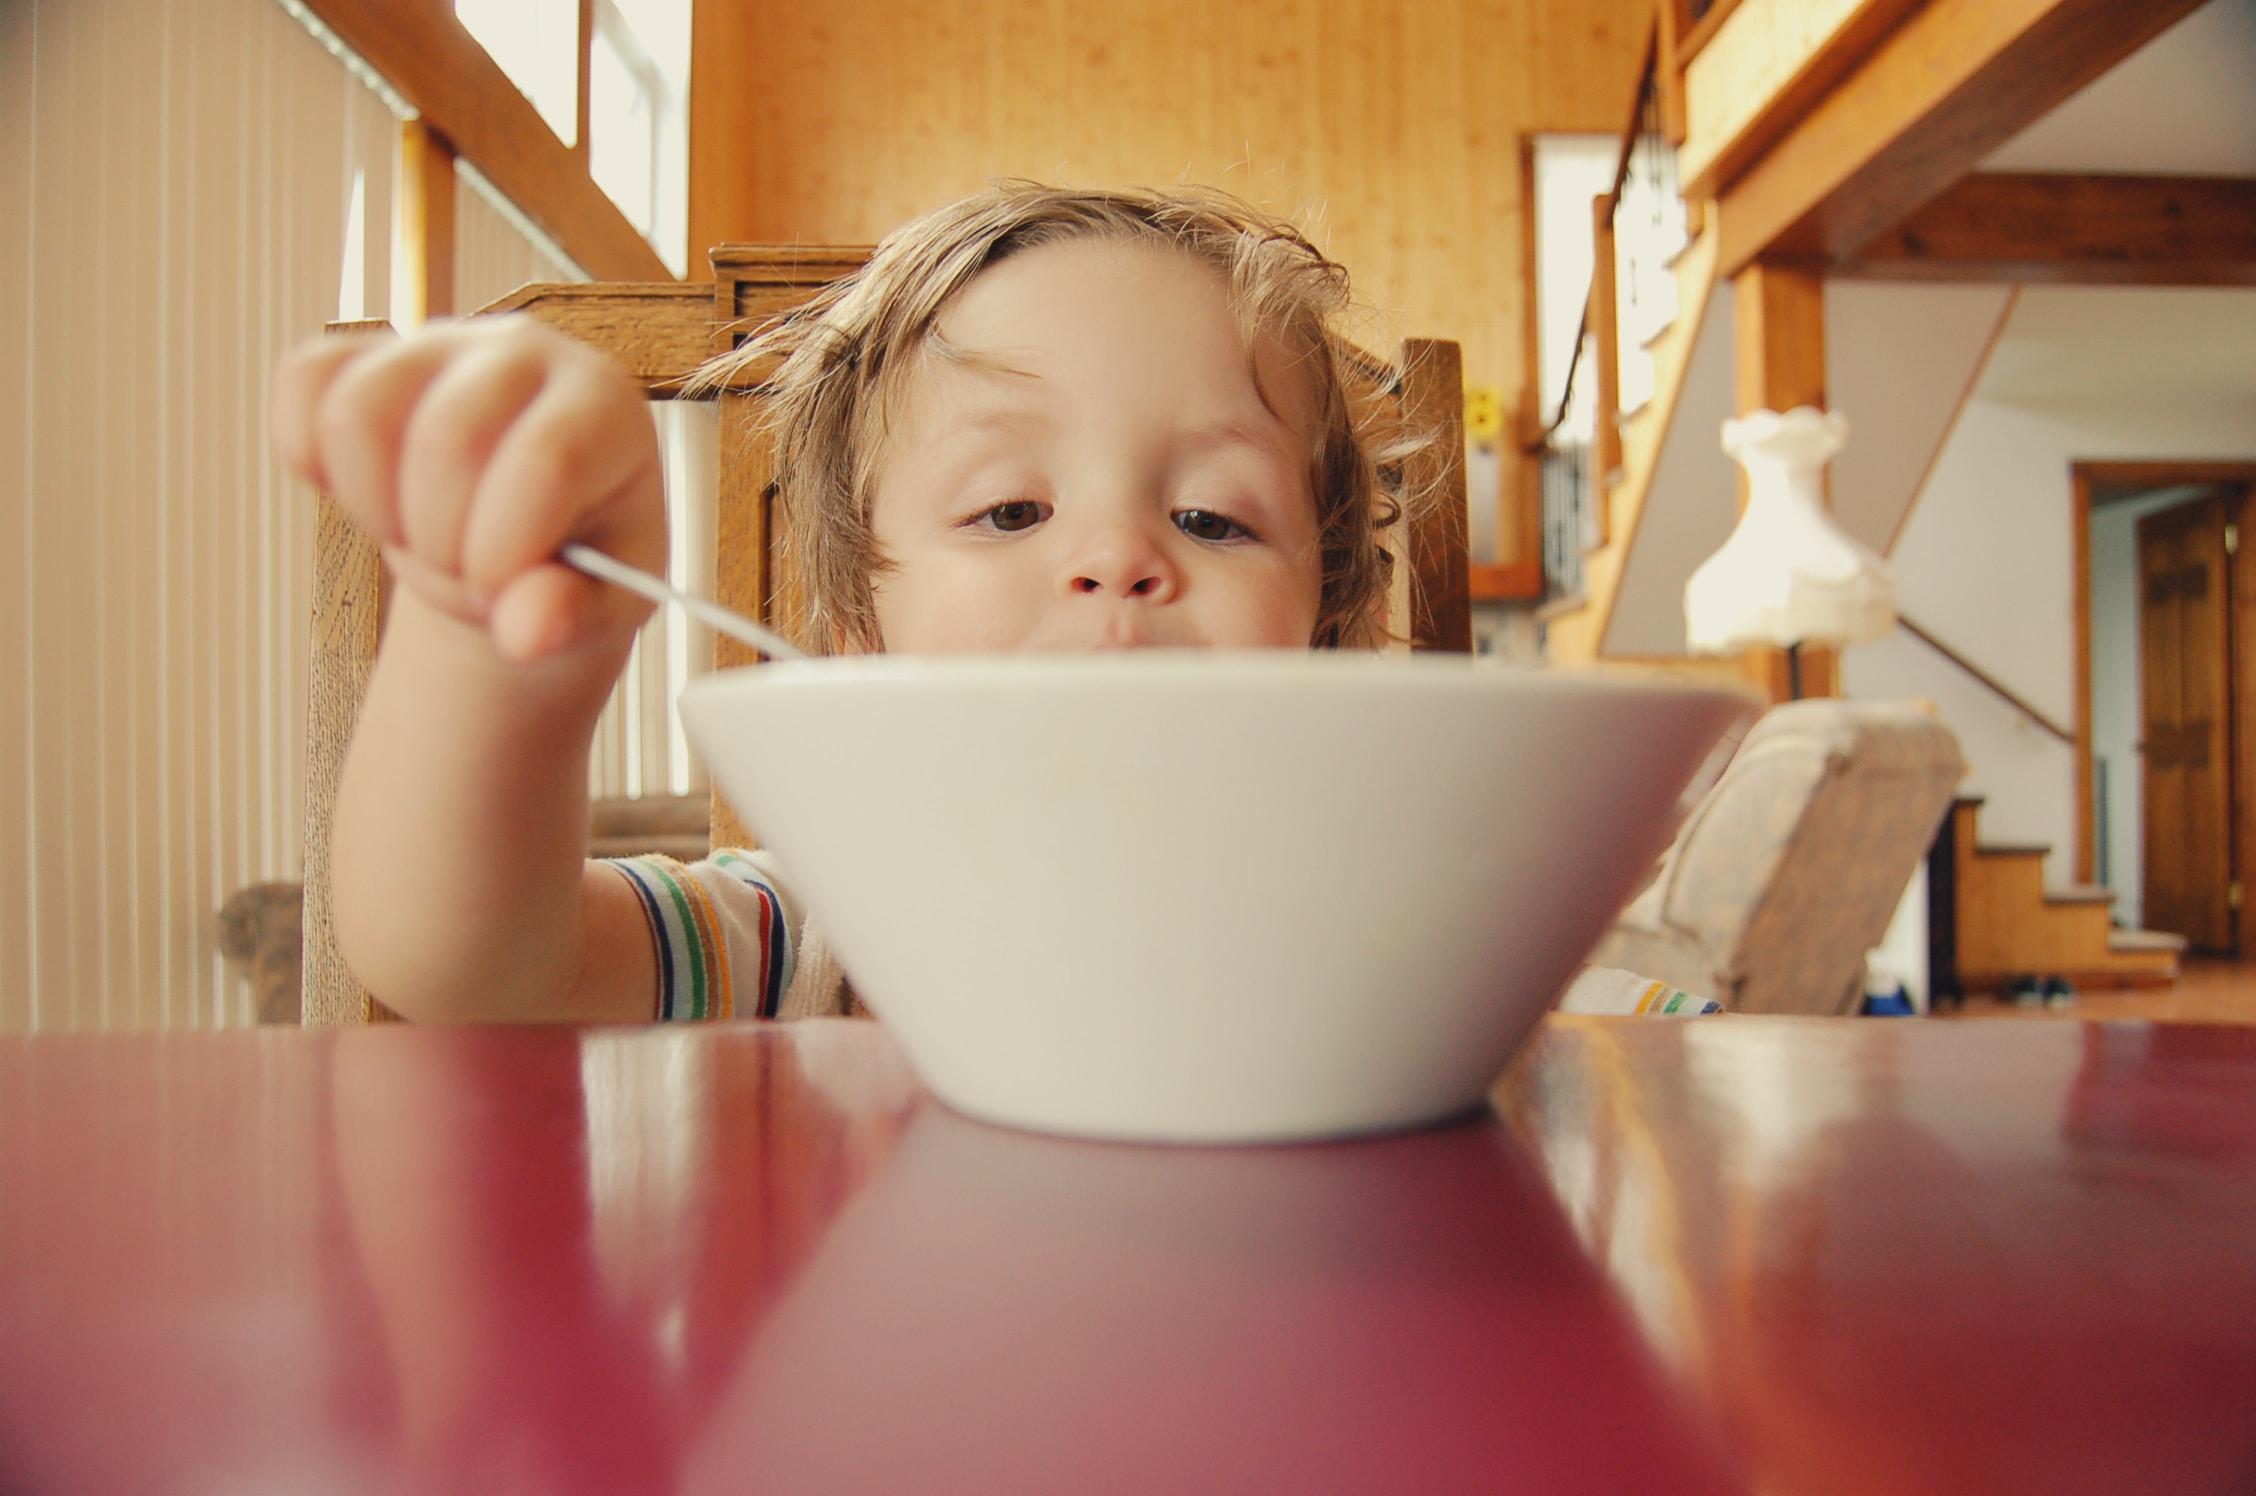 Режим дня дитини — як поєднати зі звичним ритмом життя сім'ї